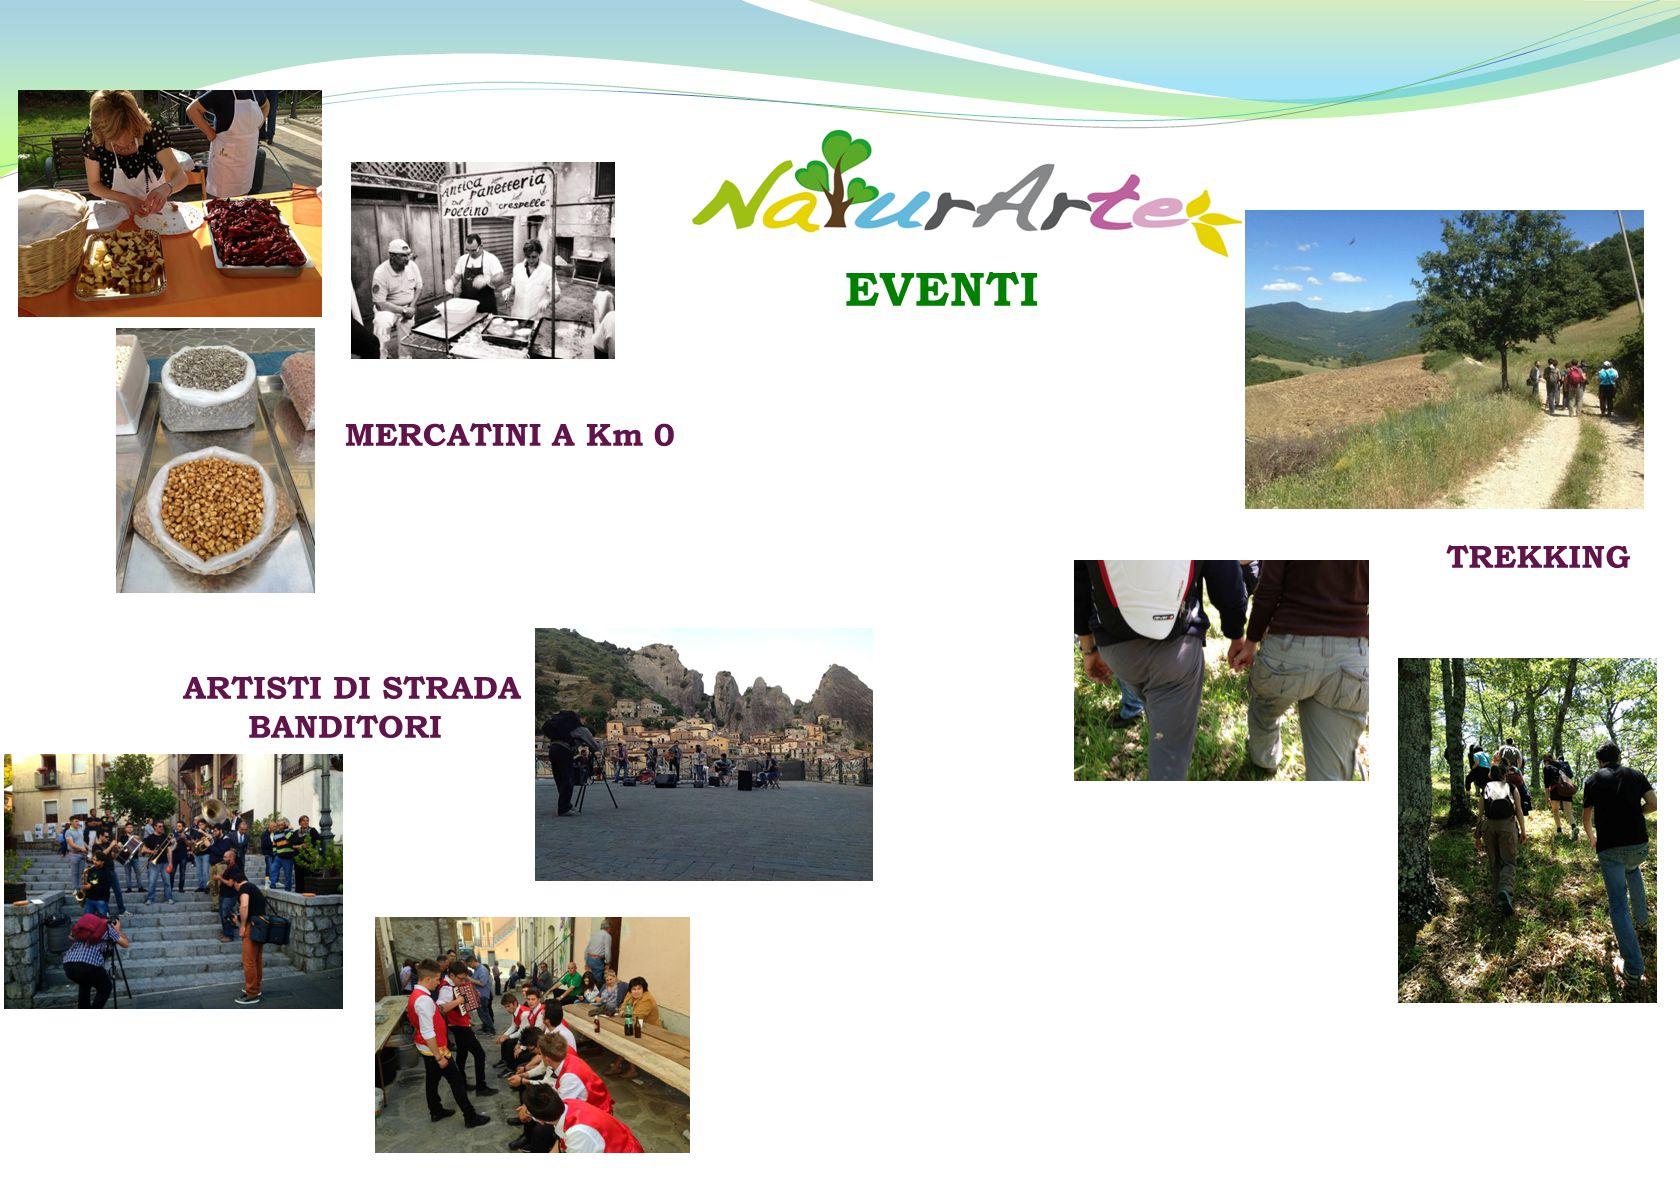 TREKKING MERCATINI A Km 0 ARTISTI DI STRADA BANDITORI EVENTI